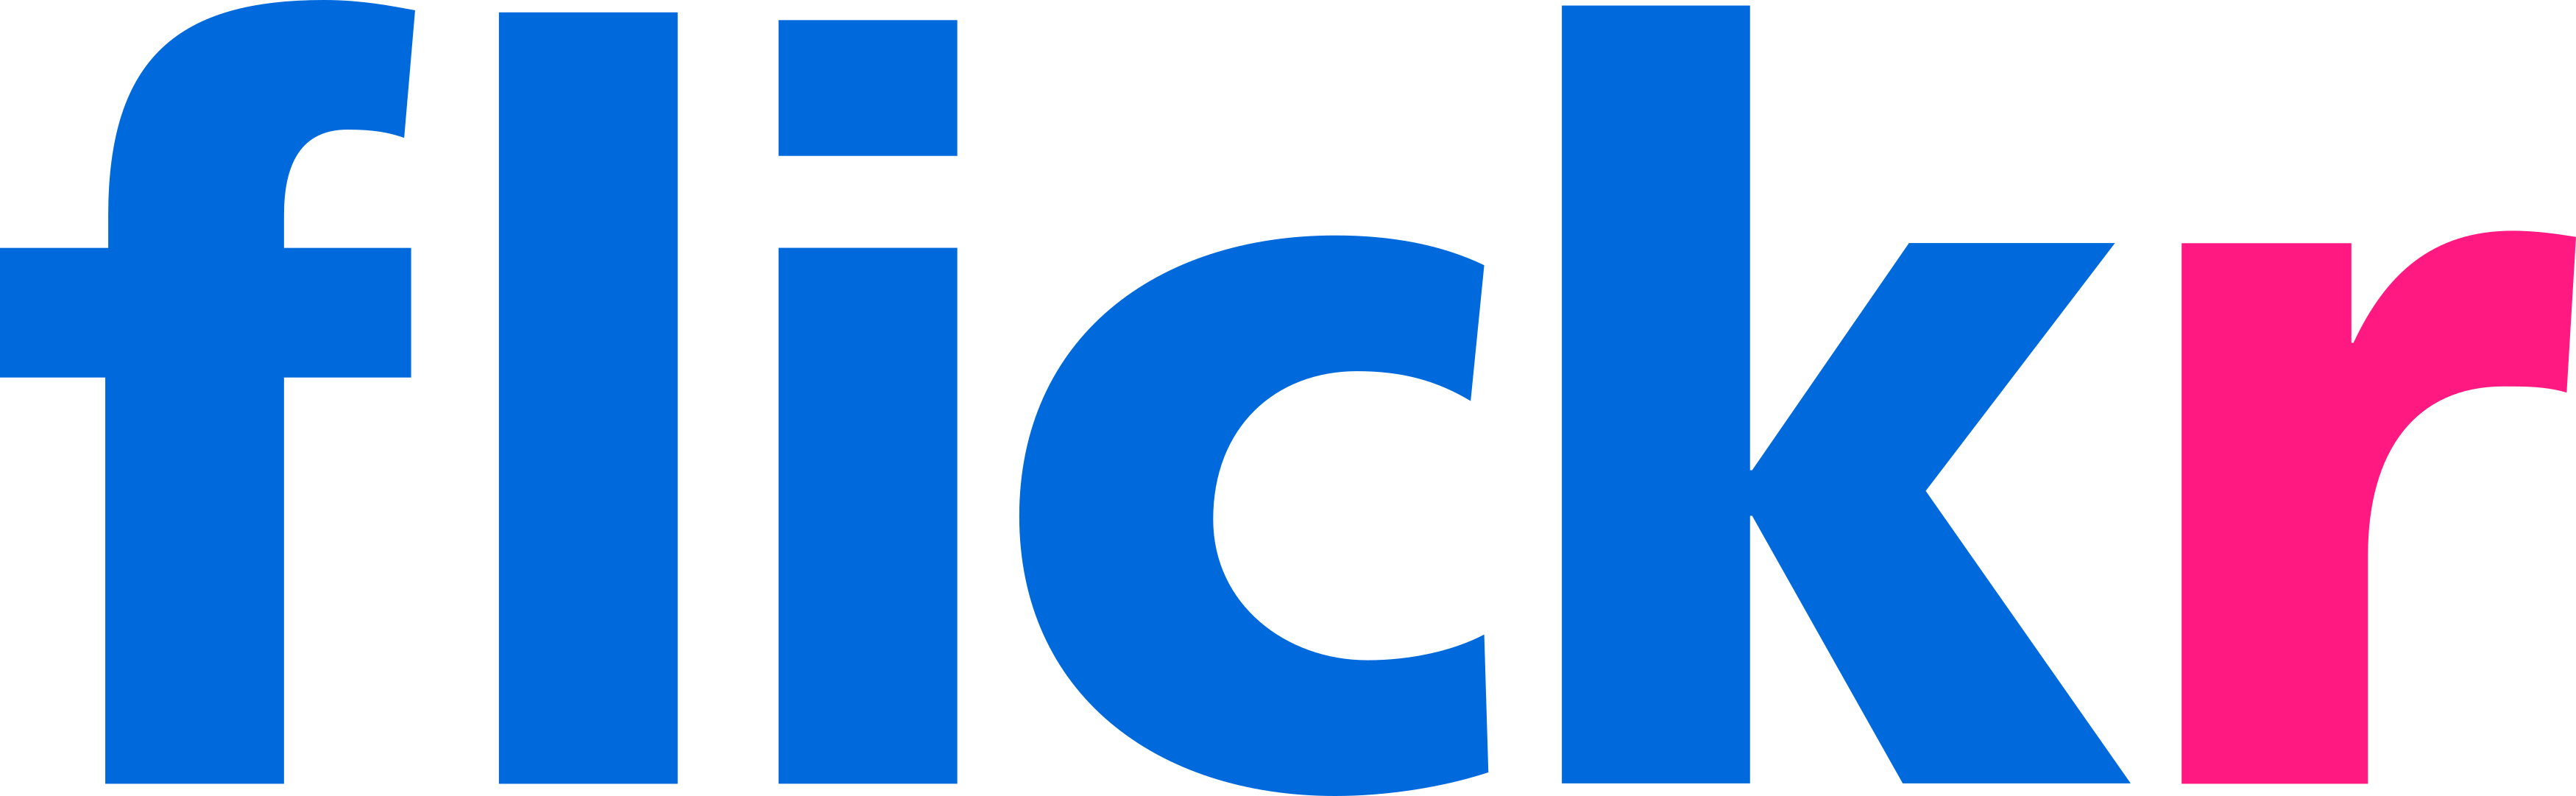 flickr logo.